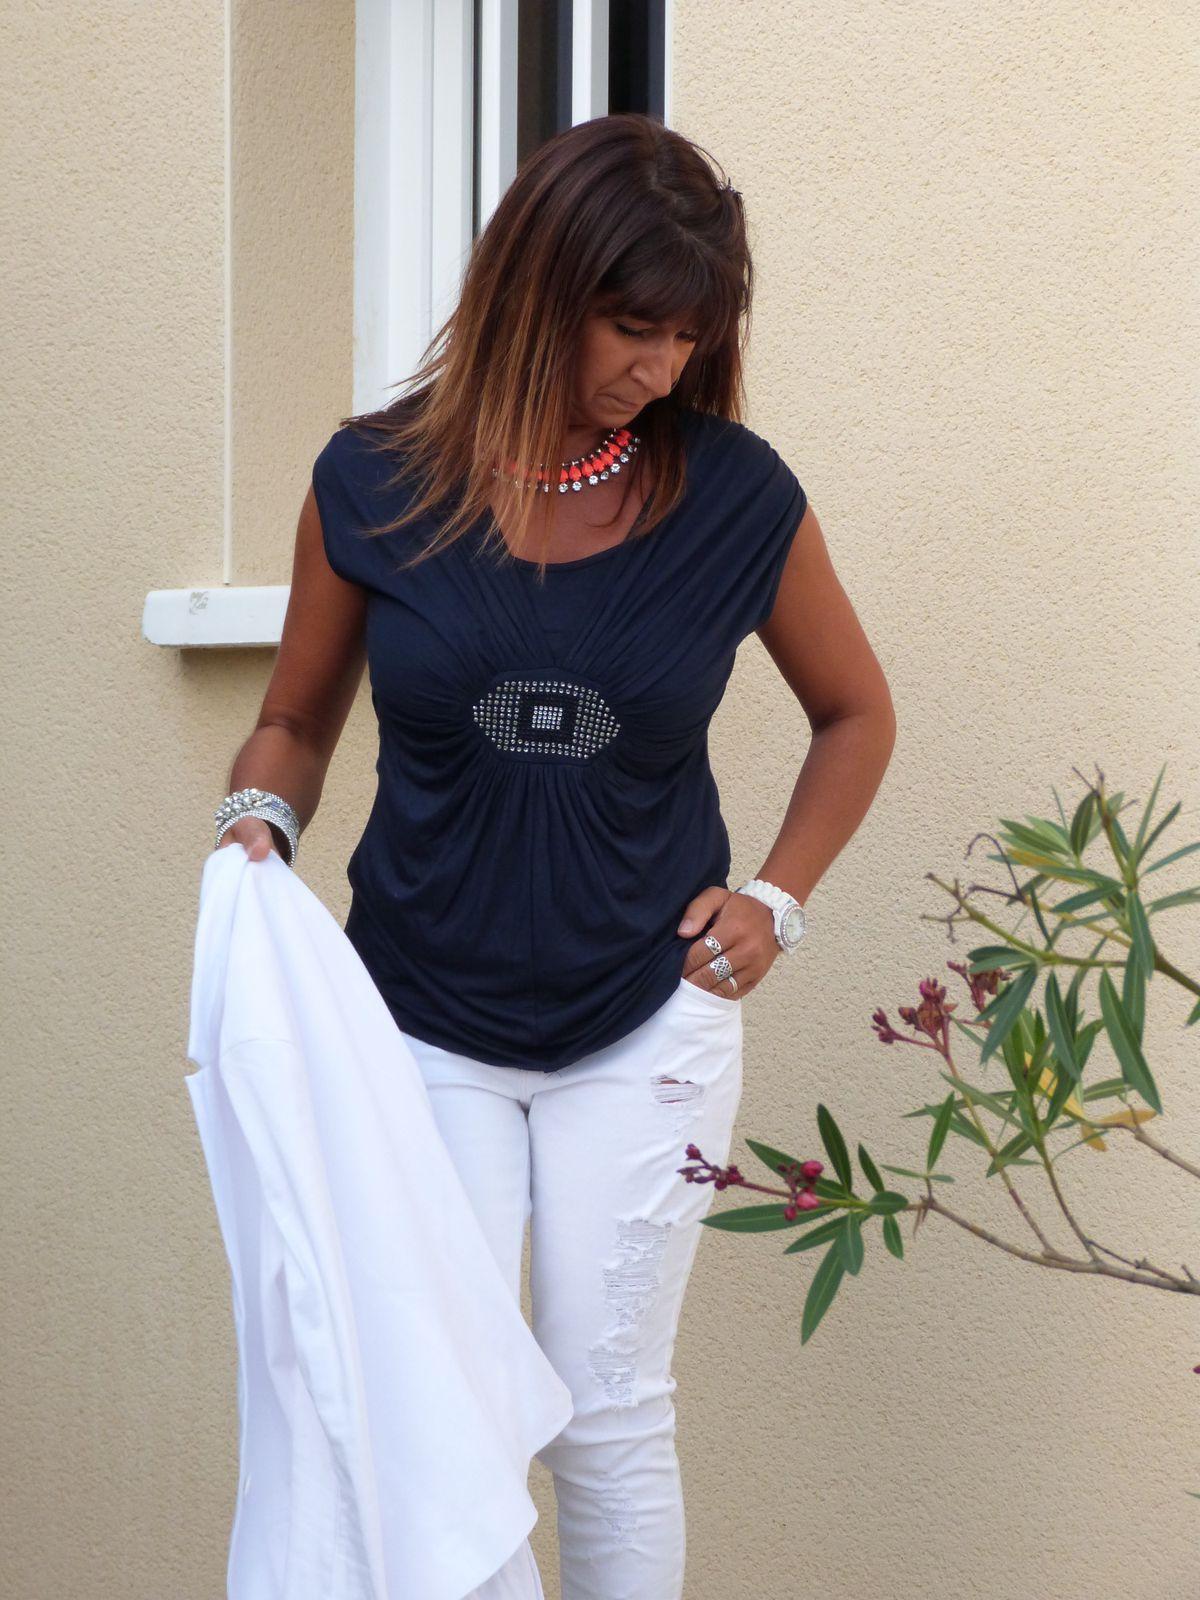 veste PROMOD . top :CLARA    jeans : BERSHKA    chaussures  LA HALLE AUX CHAUSSURES .